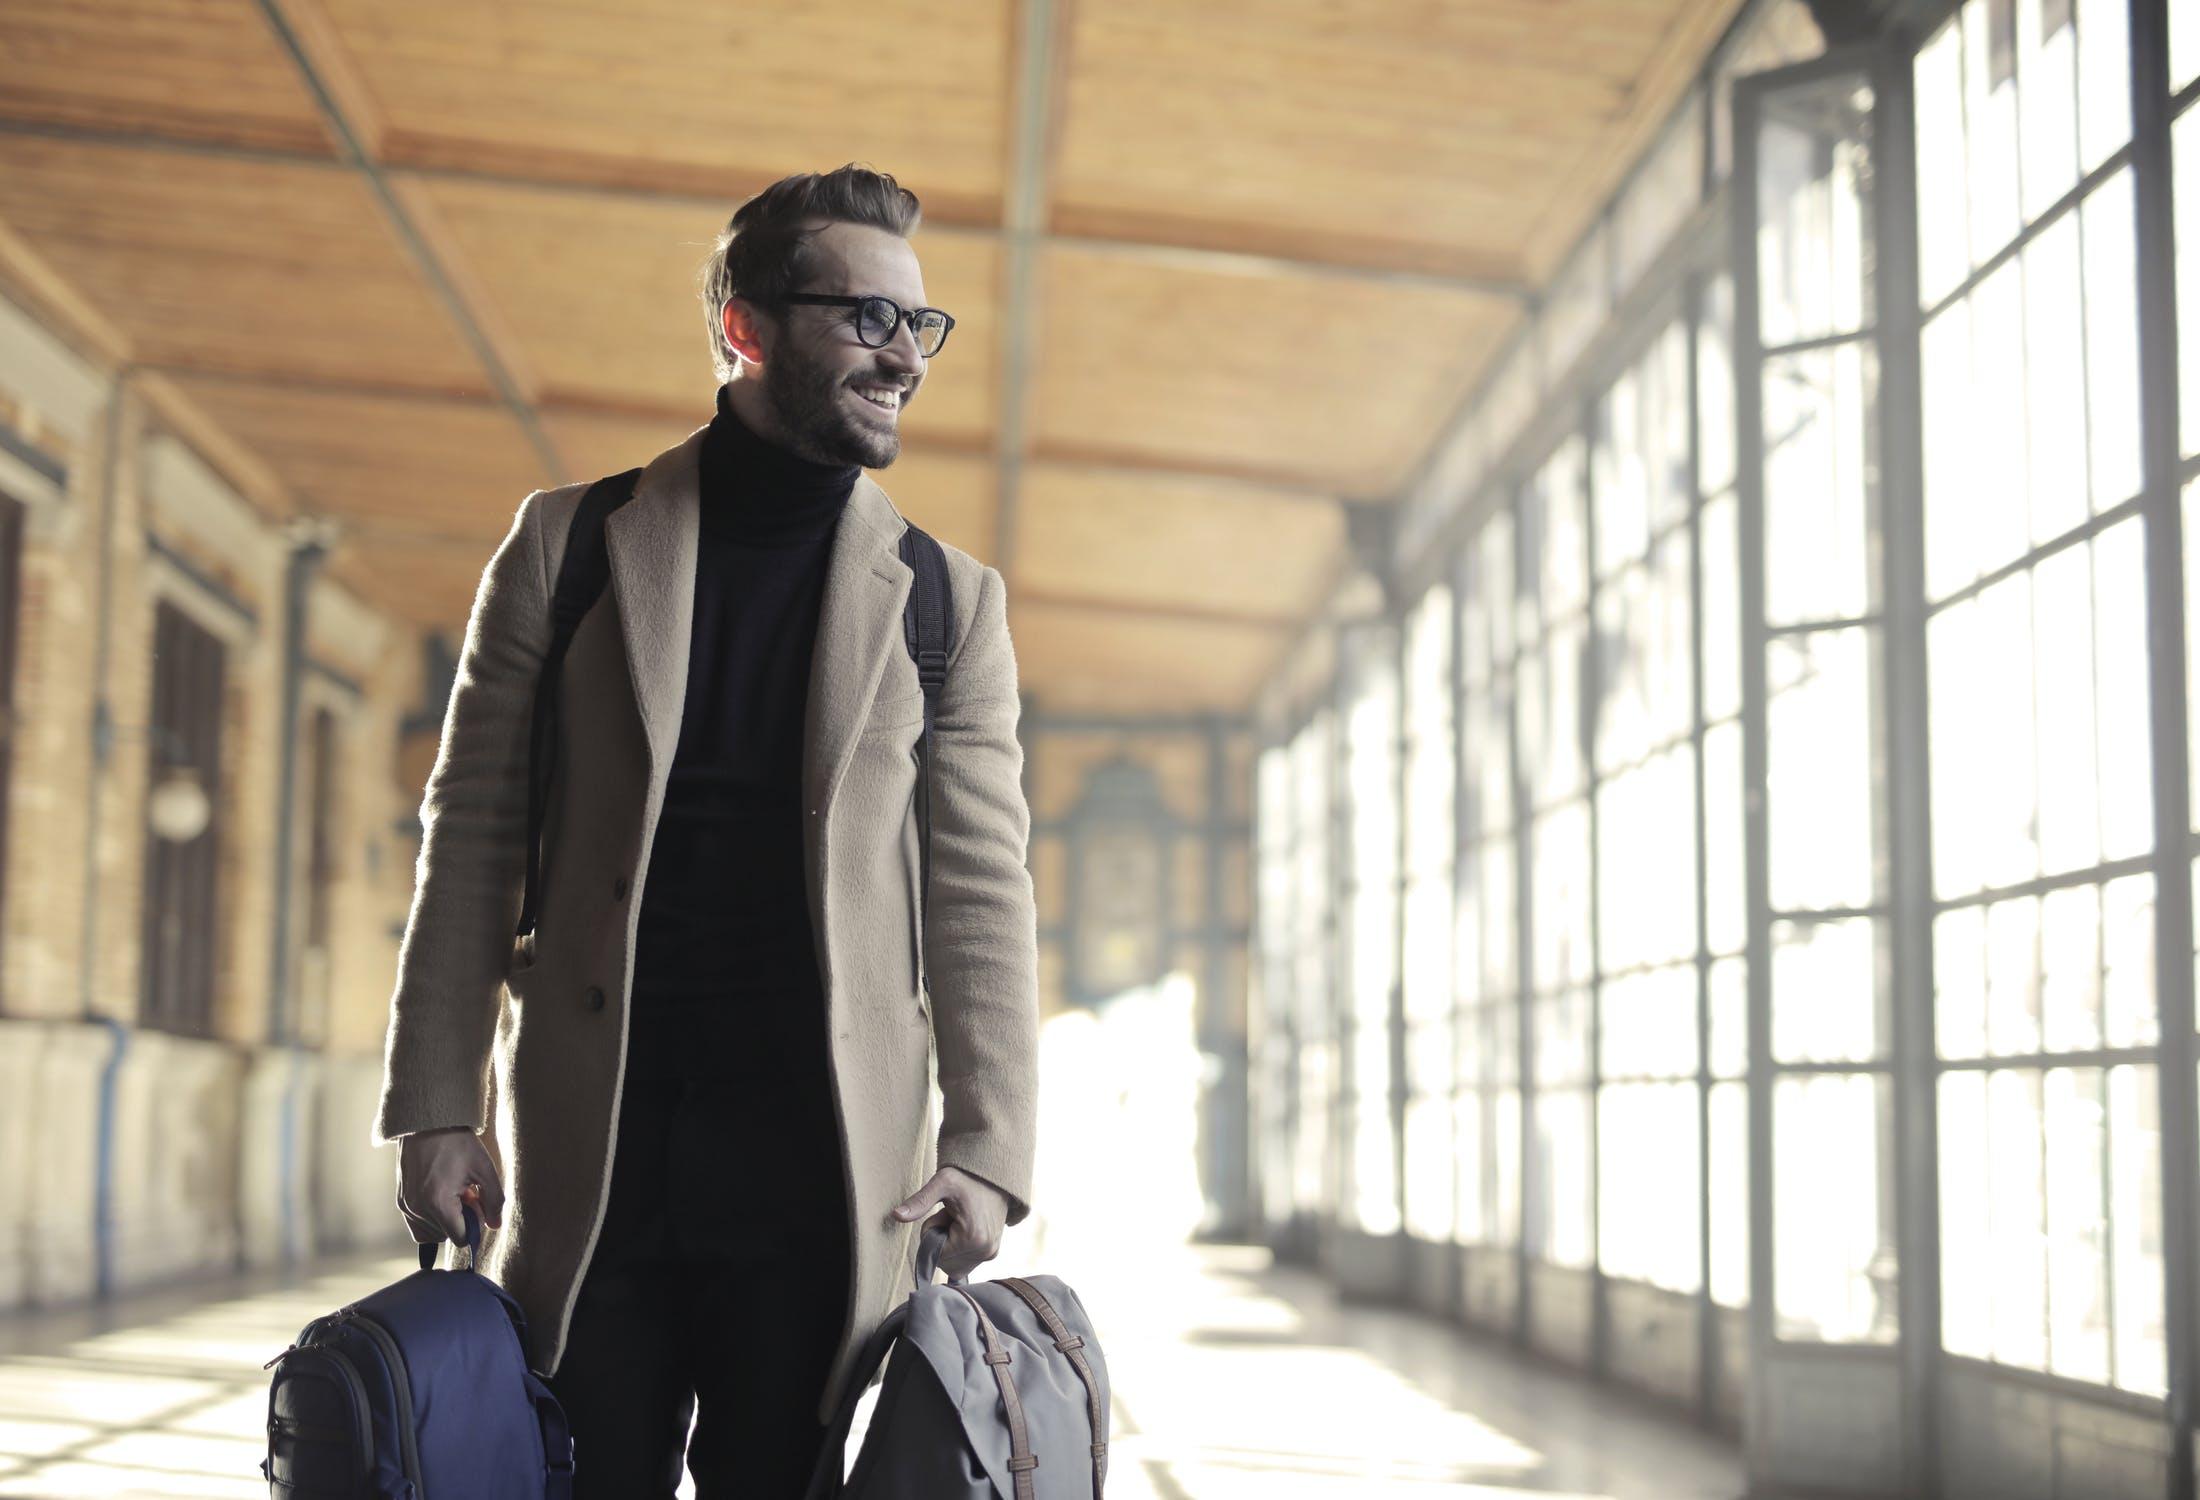 Voyages d'affaires : comment s'organisent les PME ? - Okarito